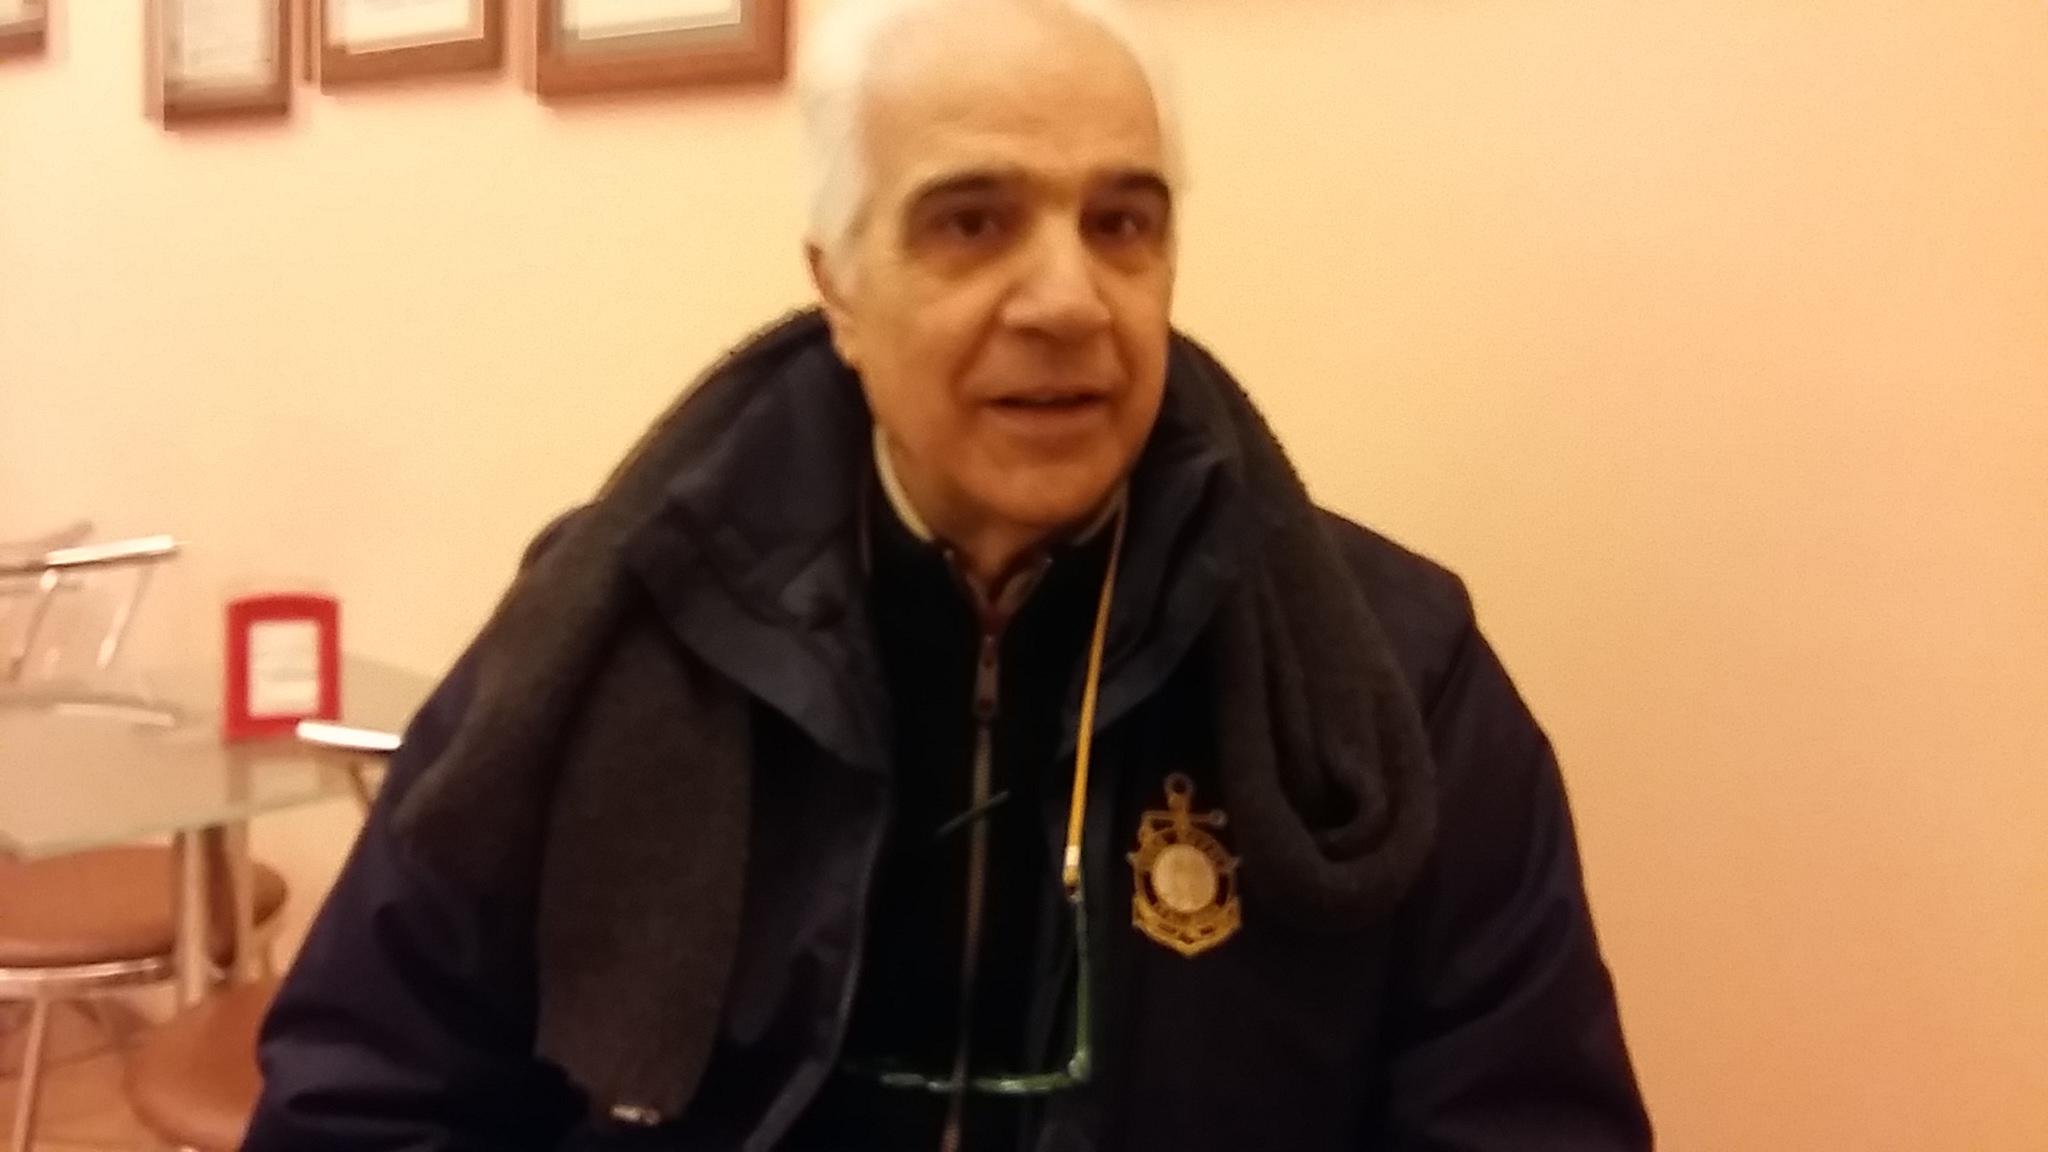 """Verso politiche e regionali, Filosa (Psi): """"C'è bisogno di sinistra riformista a Viterbo, l'aumento della povertà è spaventoso"""""""